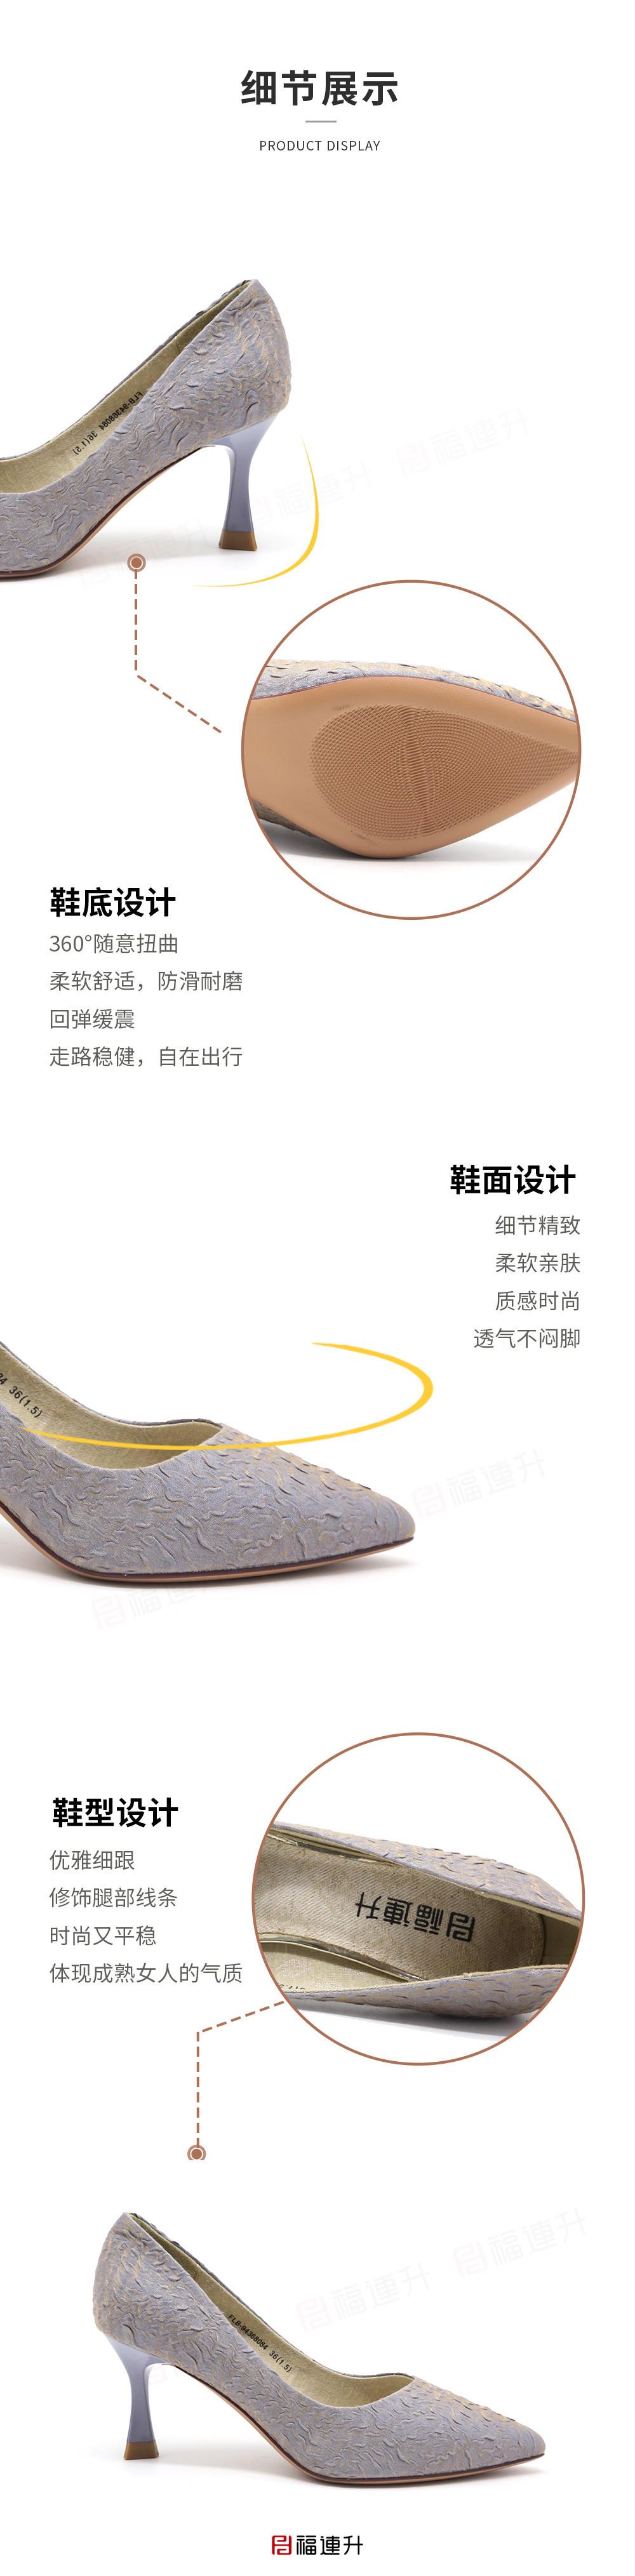 福连升女鞋优雅高跟鞋细跟尖头浅口黑色褶皱春秋新款图片